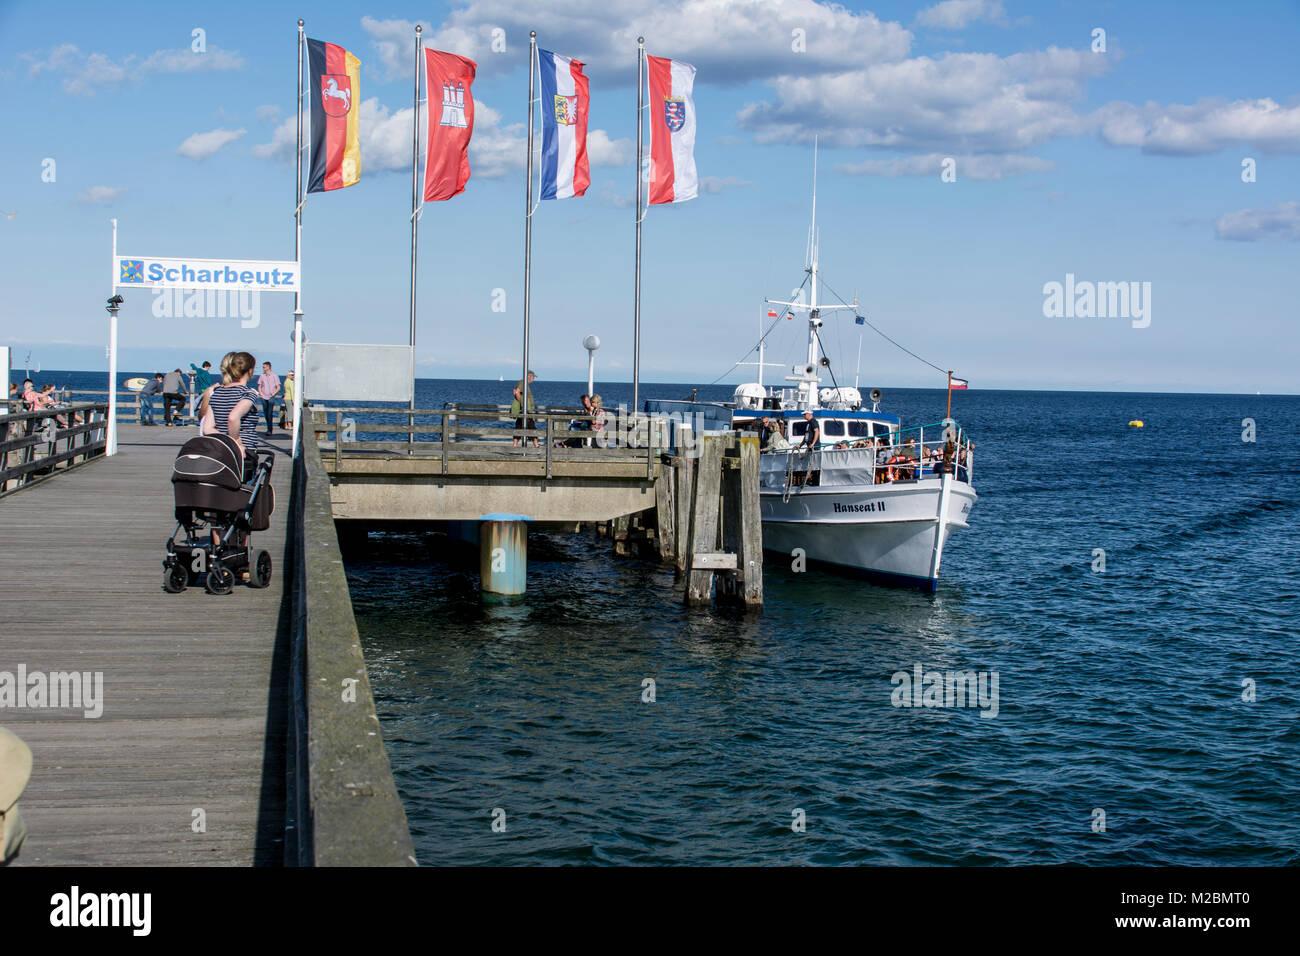 Scharbeutz an der deutschen Ostseeküste mit dem Anleger des Rundfahrtbootes - Stock Image